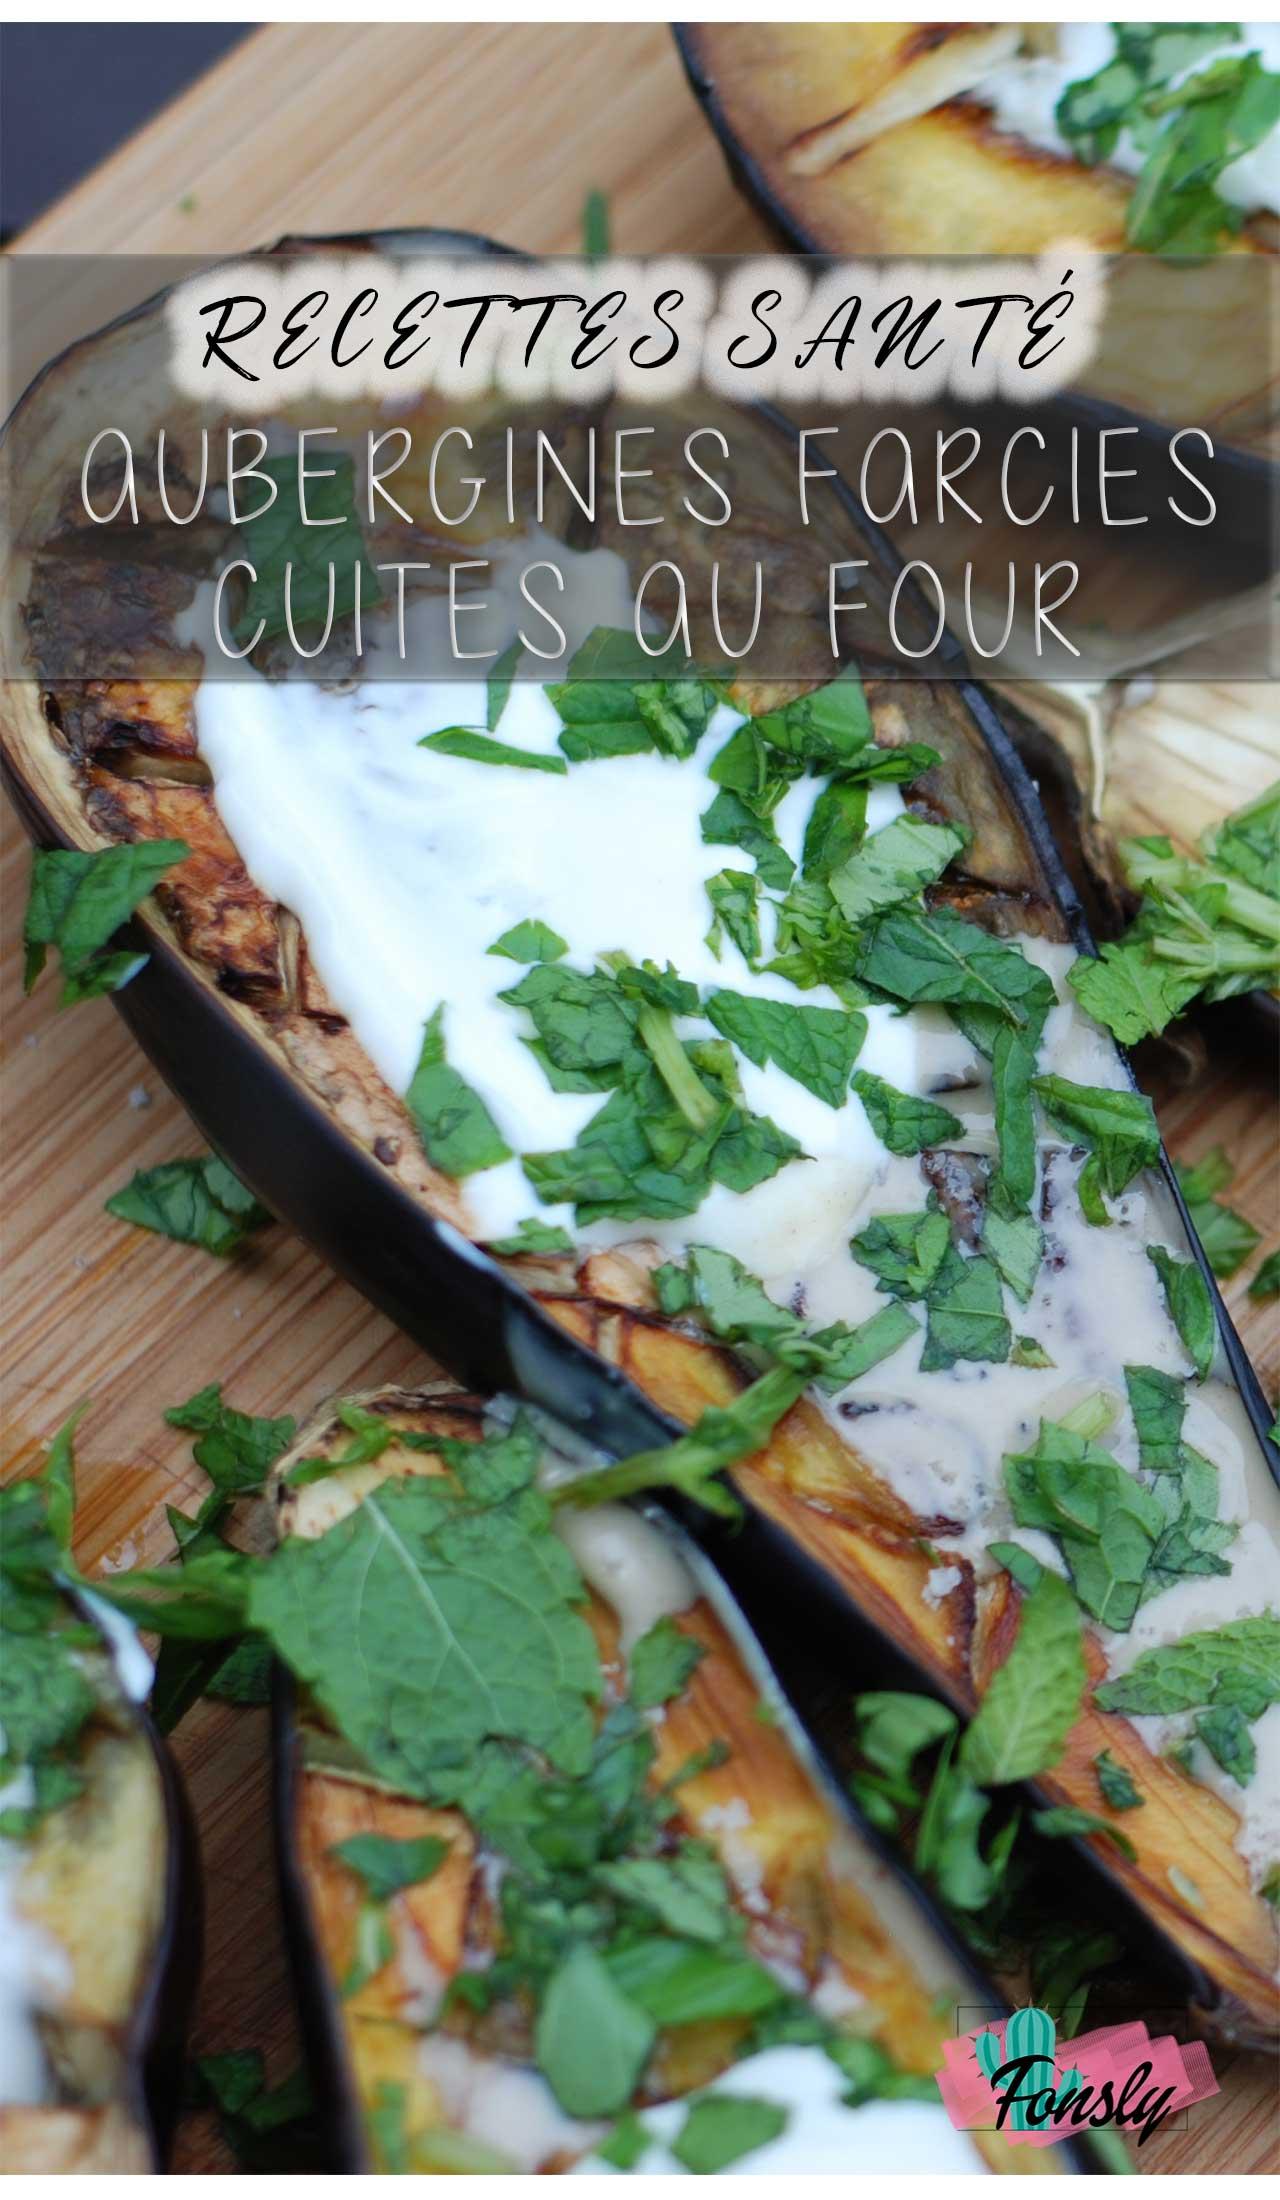 aubergines farcies au légumes ou viande, recette d'aurbergines farcies